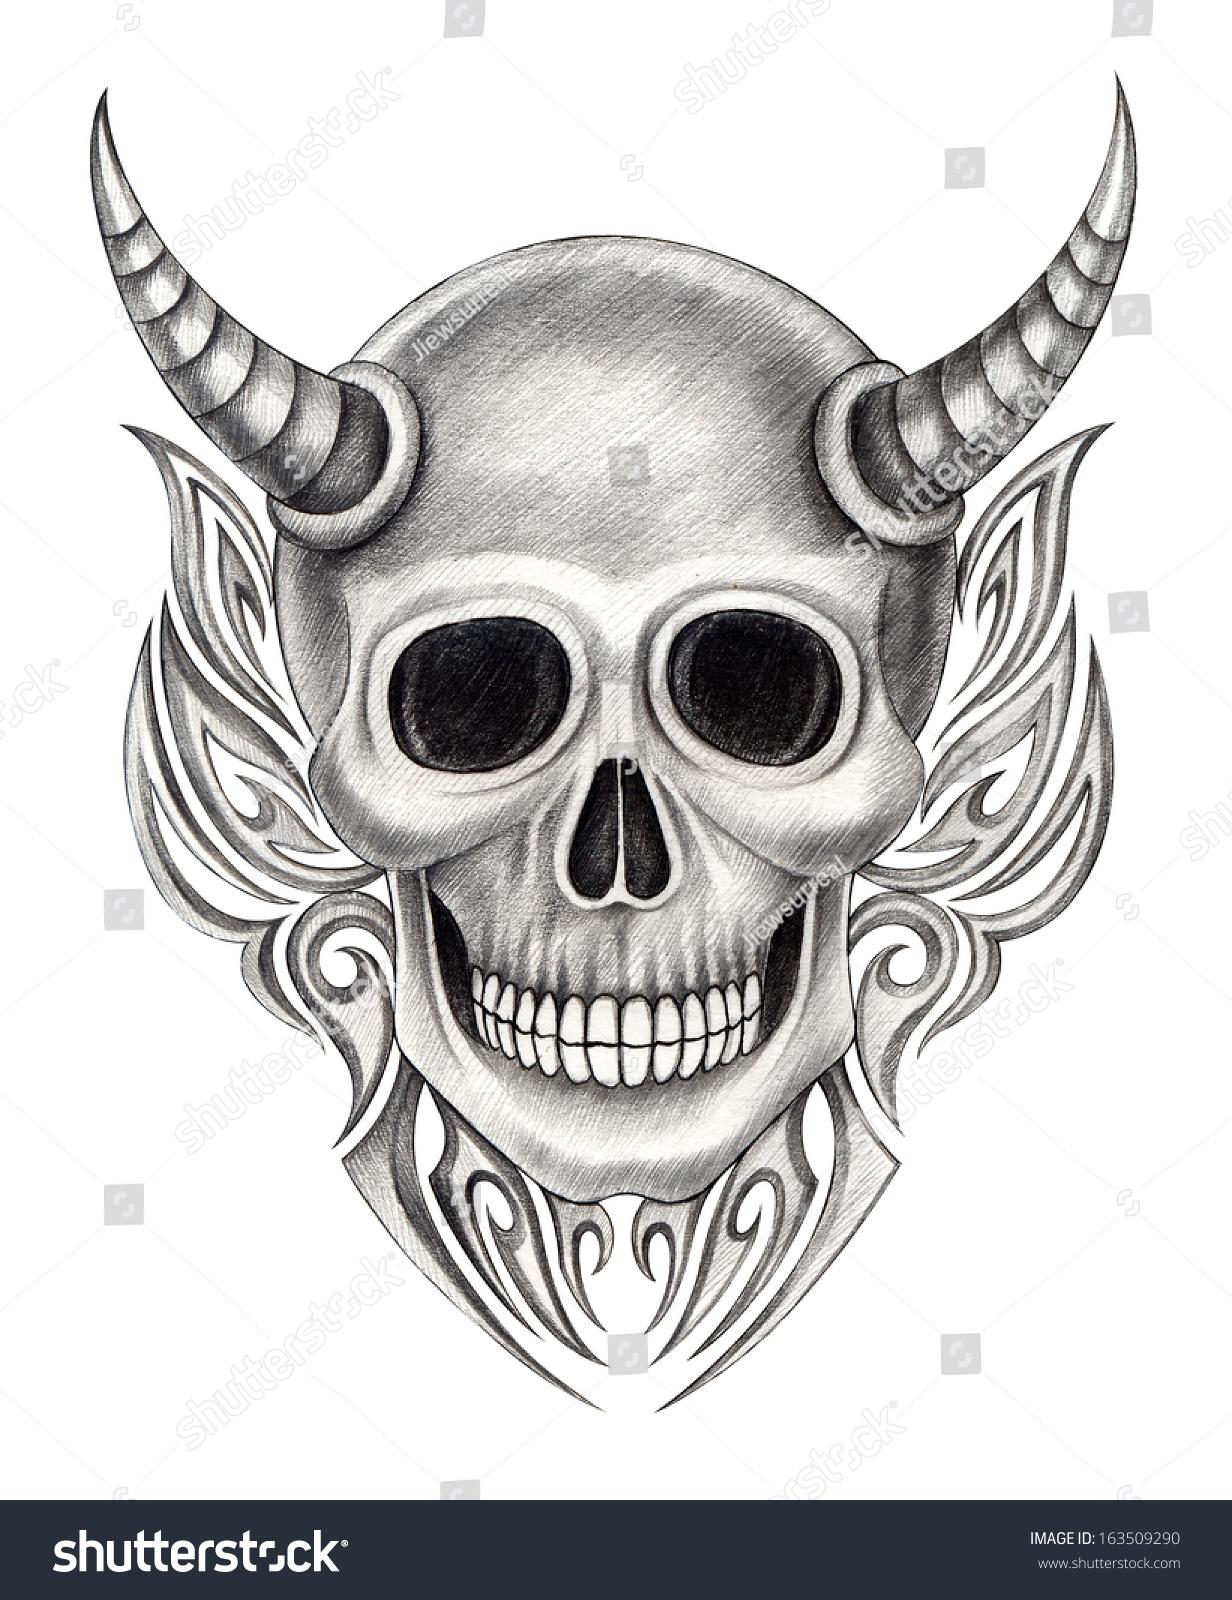 Devil Skull Tattoo Hand Drawing On Paper